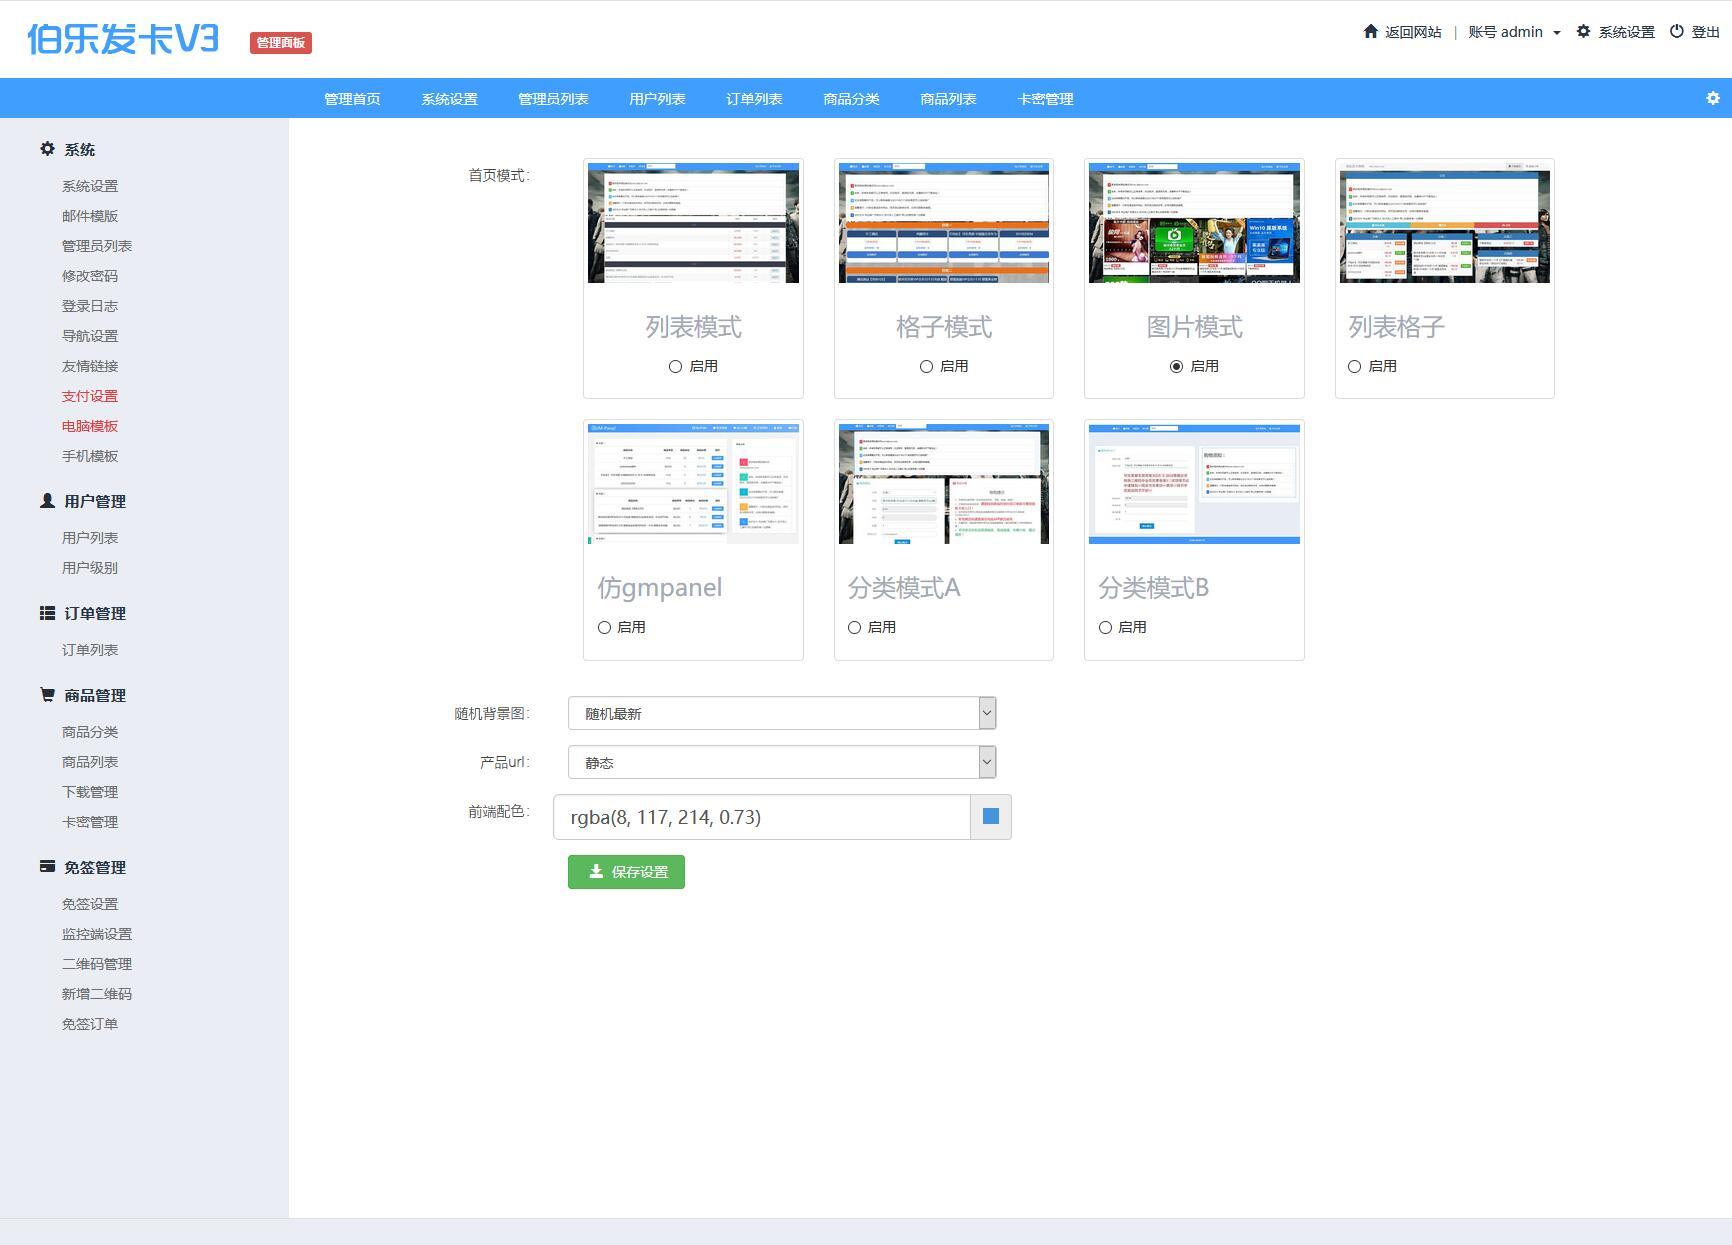 【伯乐发卡V3】PHP在线自动发卡网源码 全新一键安装版-找主题源码